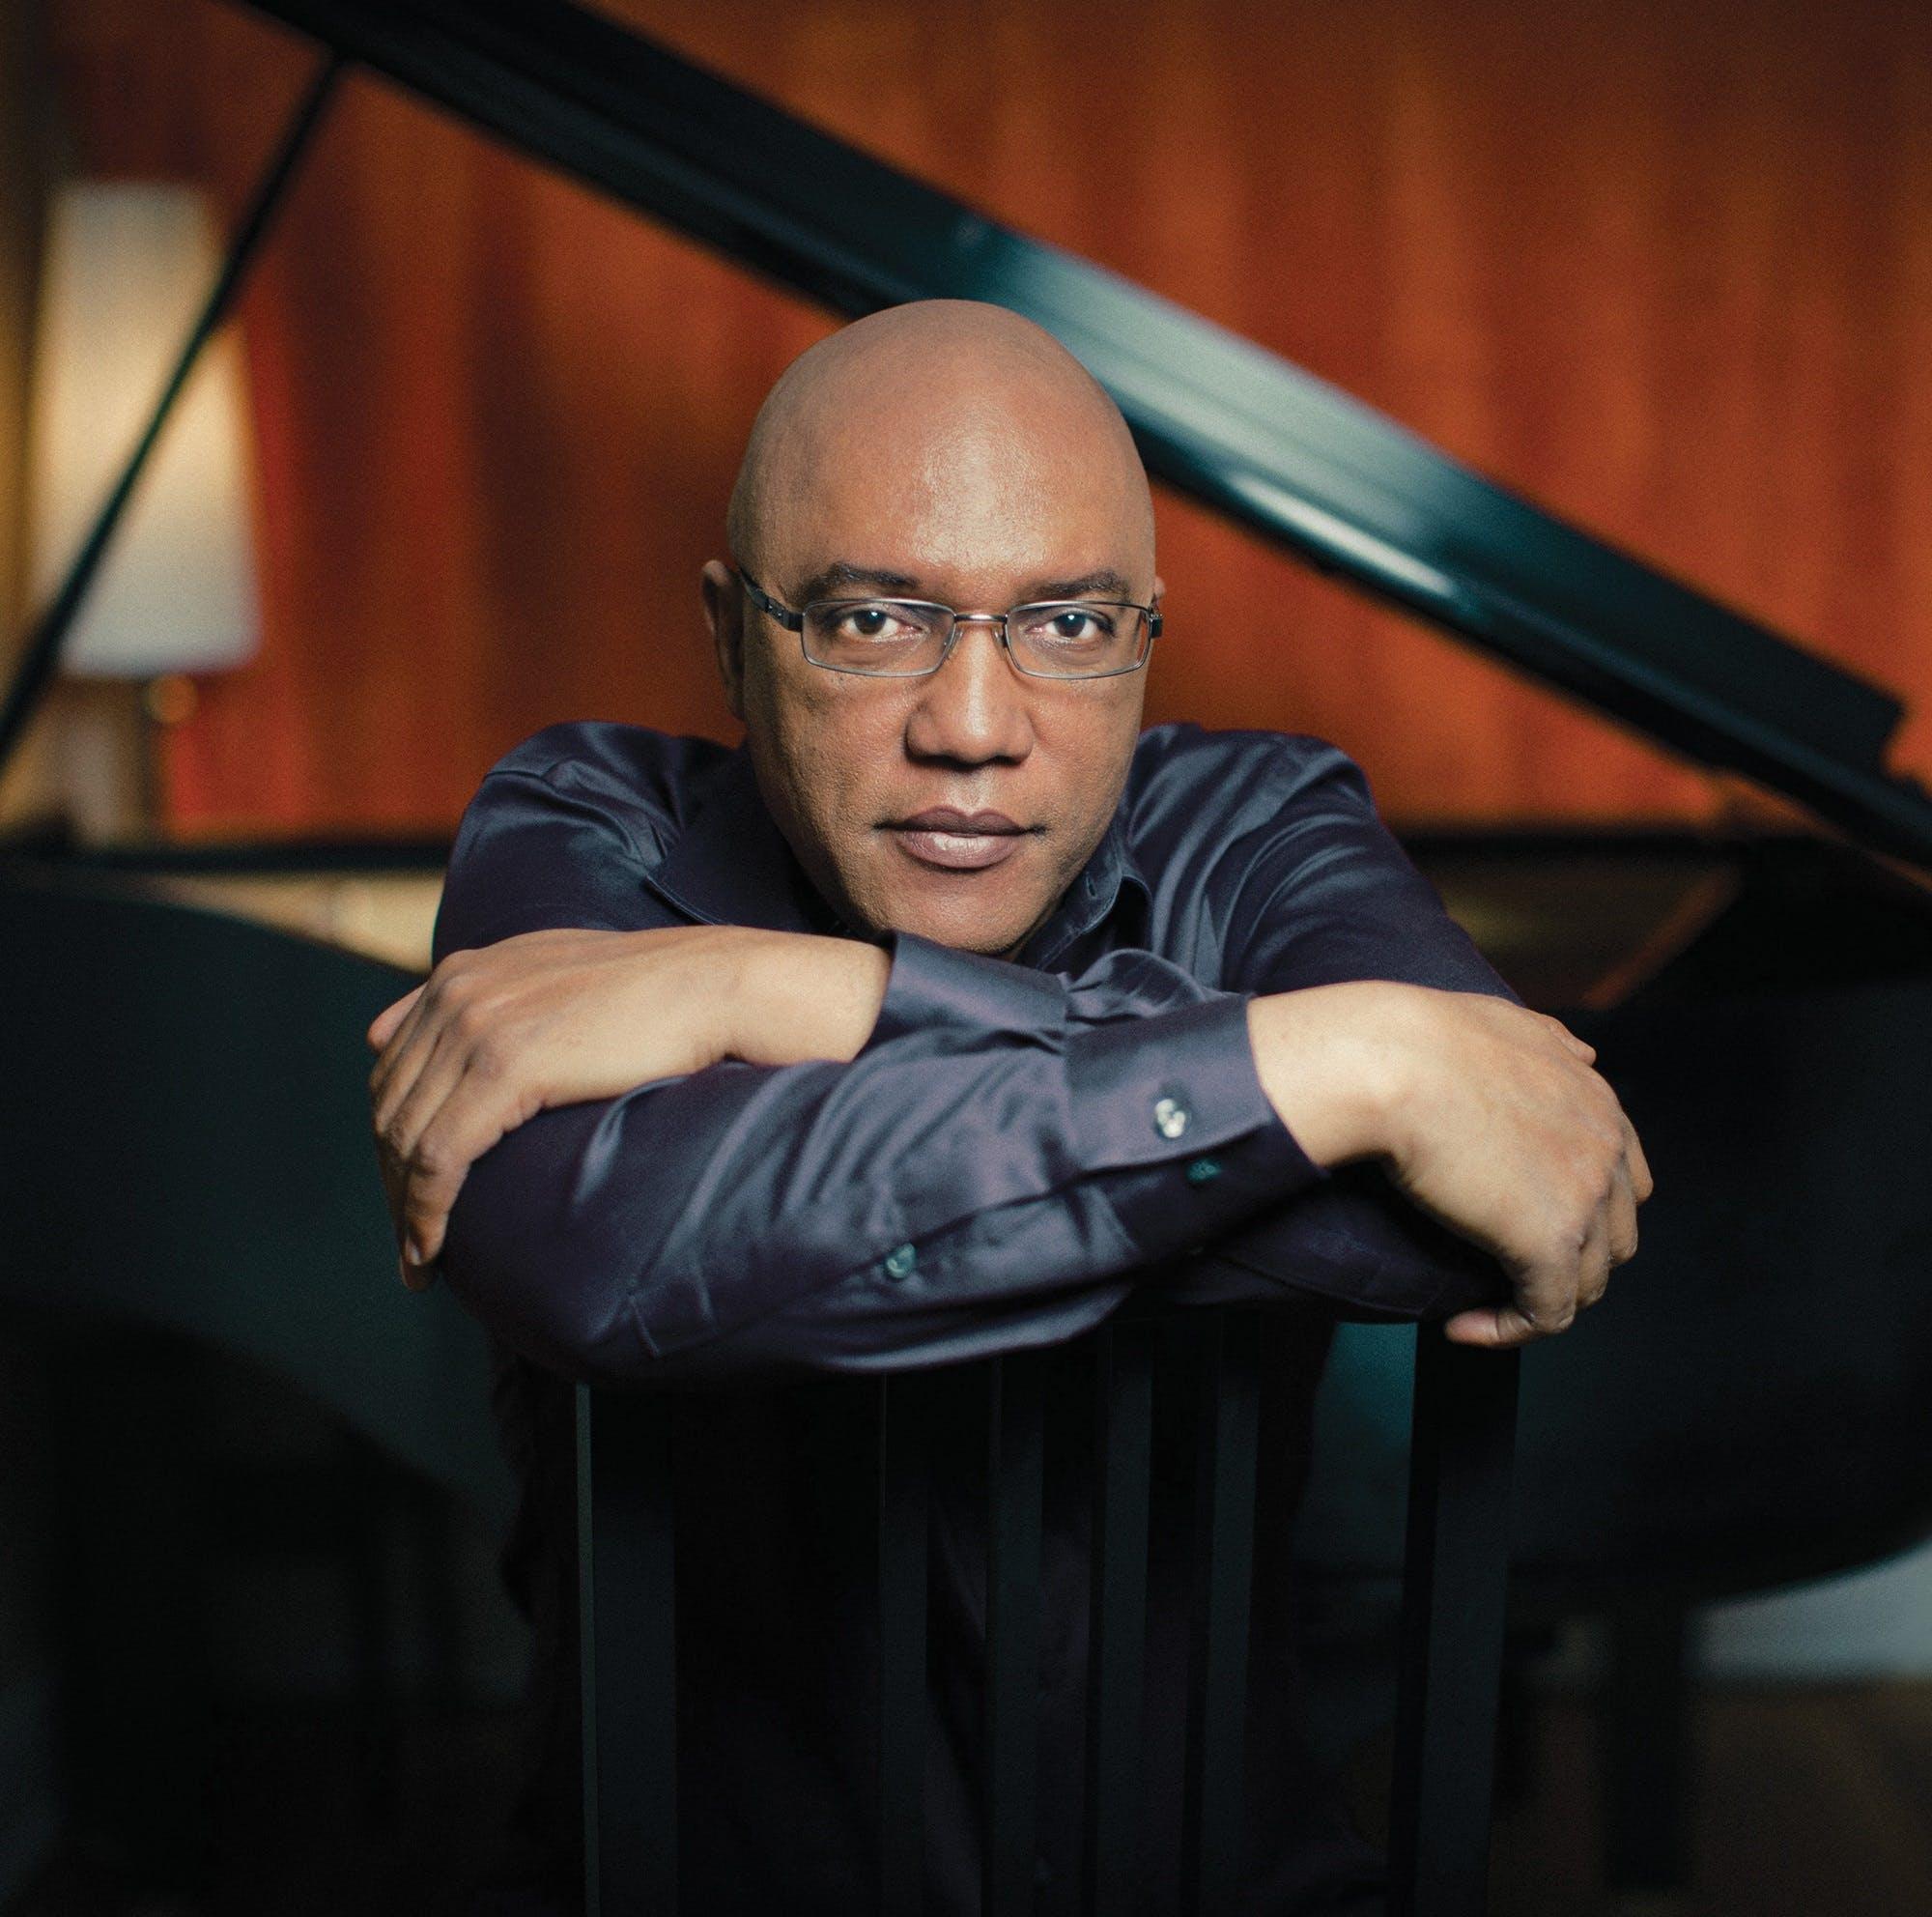 Billy Childs Quartet; ·· Billy Childs, Piano, at Schomburg Center